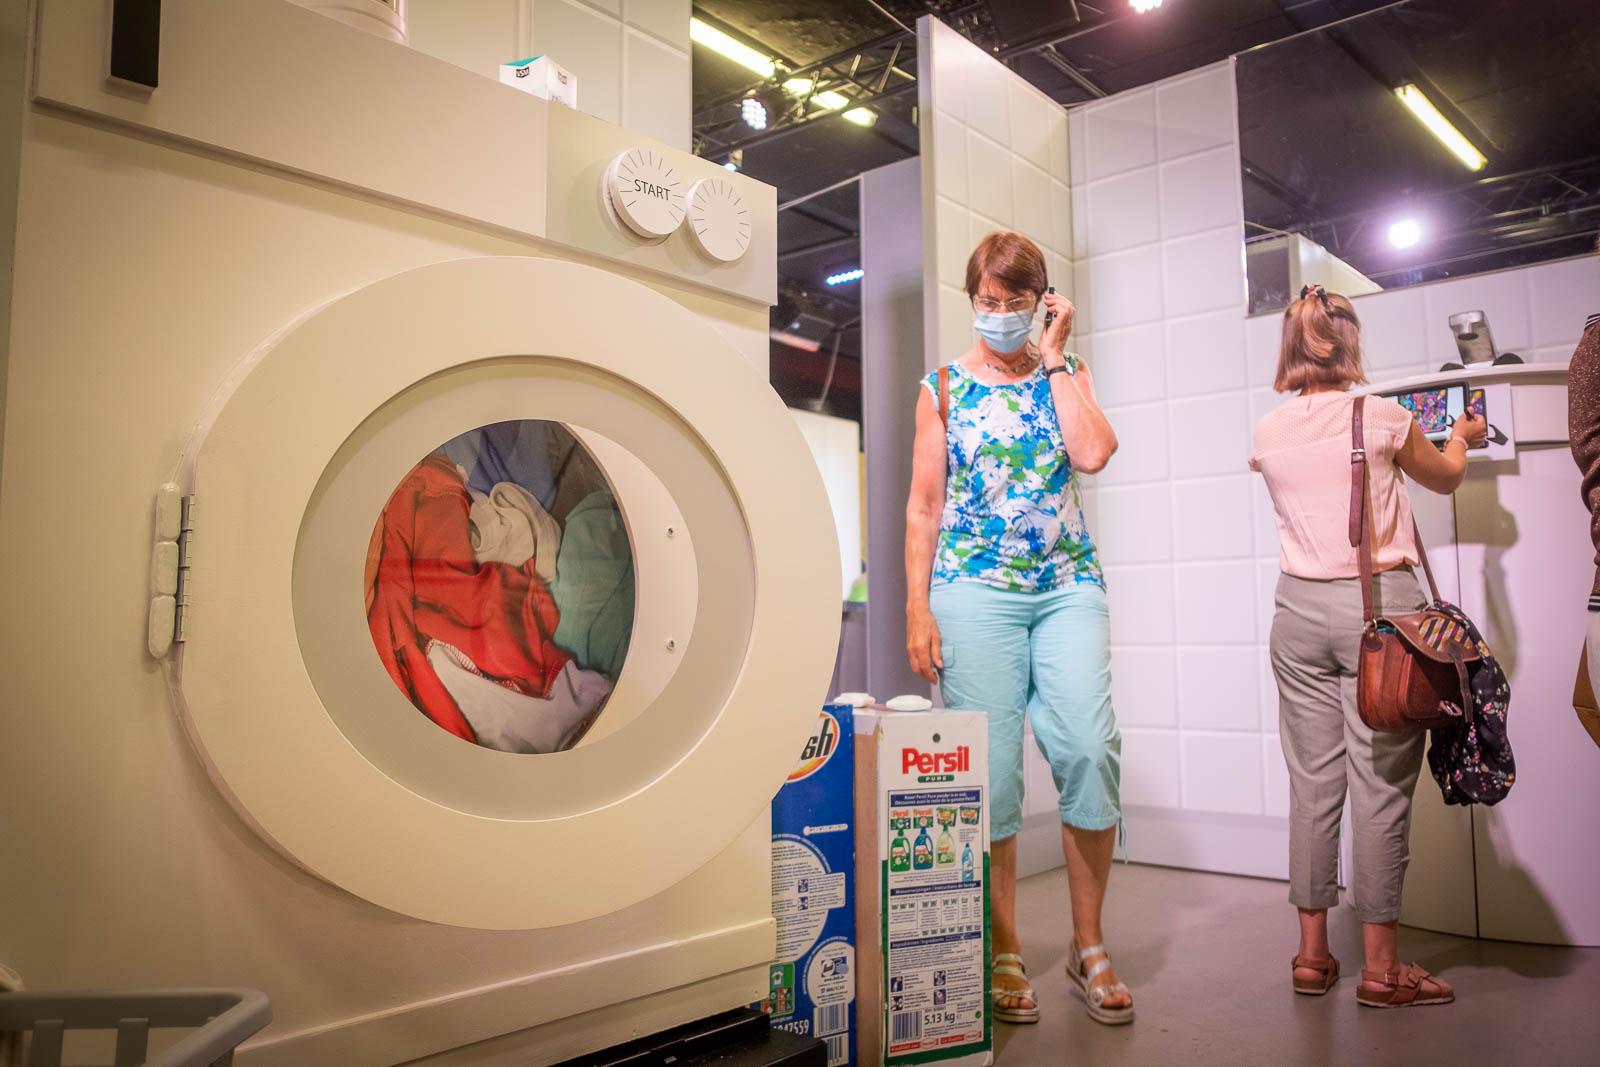 Une expo où les objets de la vie quotidienne sont agrandis pour sensibiliser aux accidents domestiques